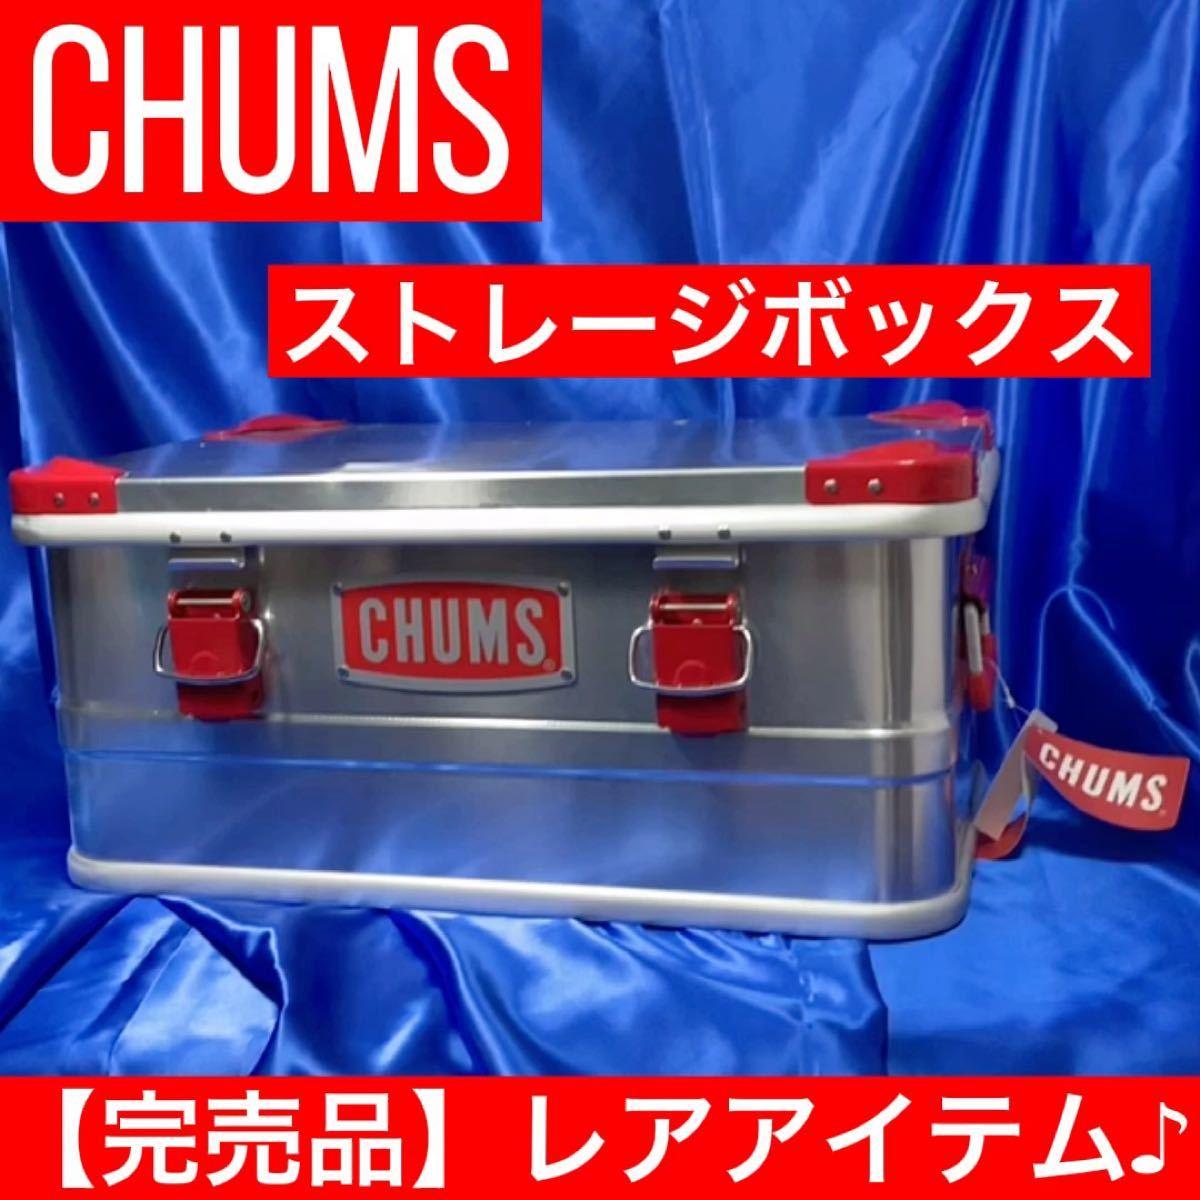 【激レア♪】CHUMS チャムス ストレージボックス